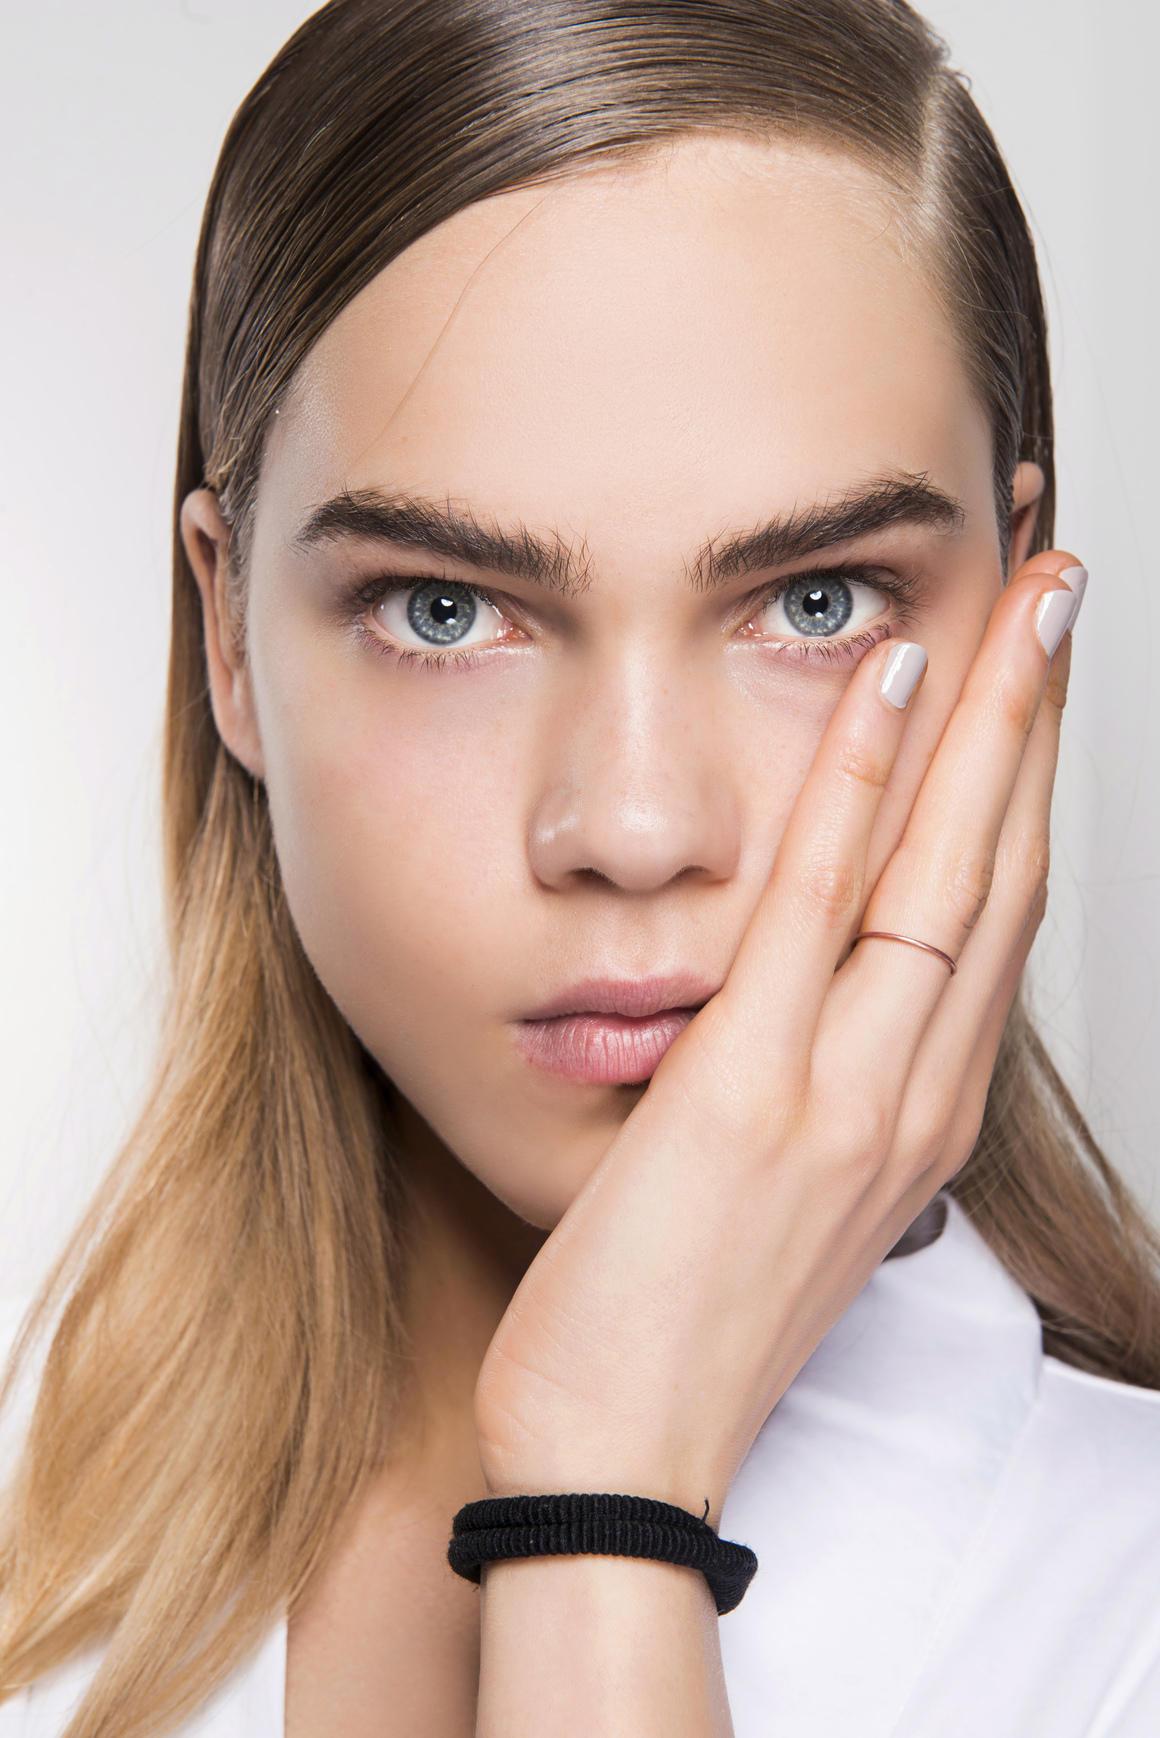 Eyebrow Product Options